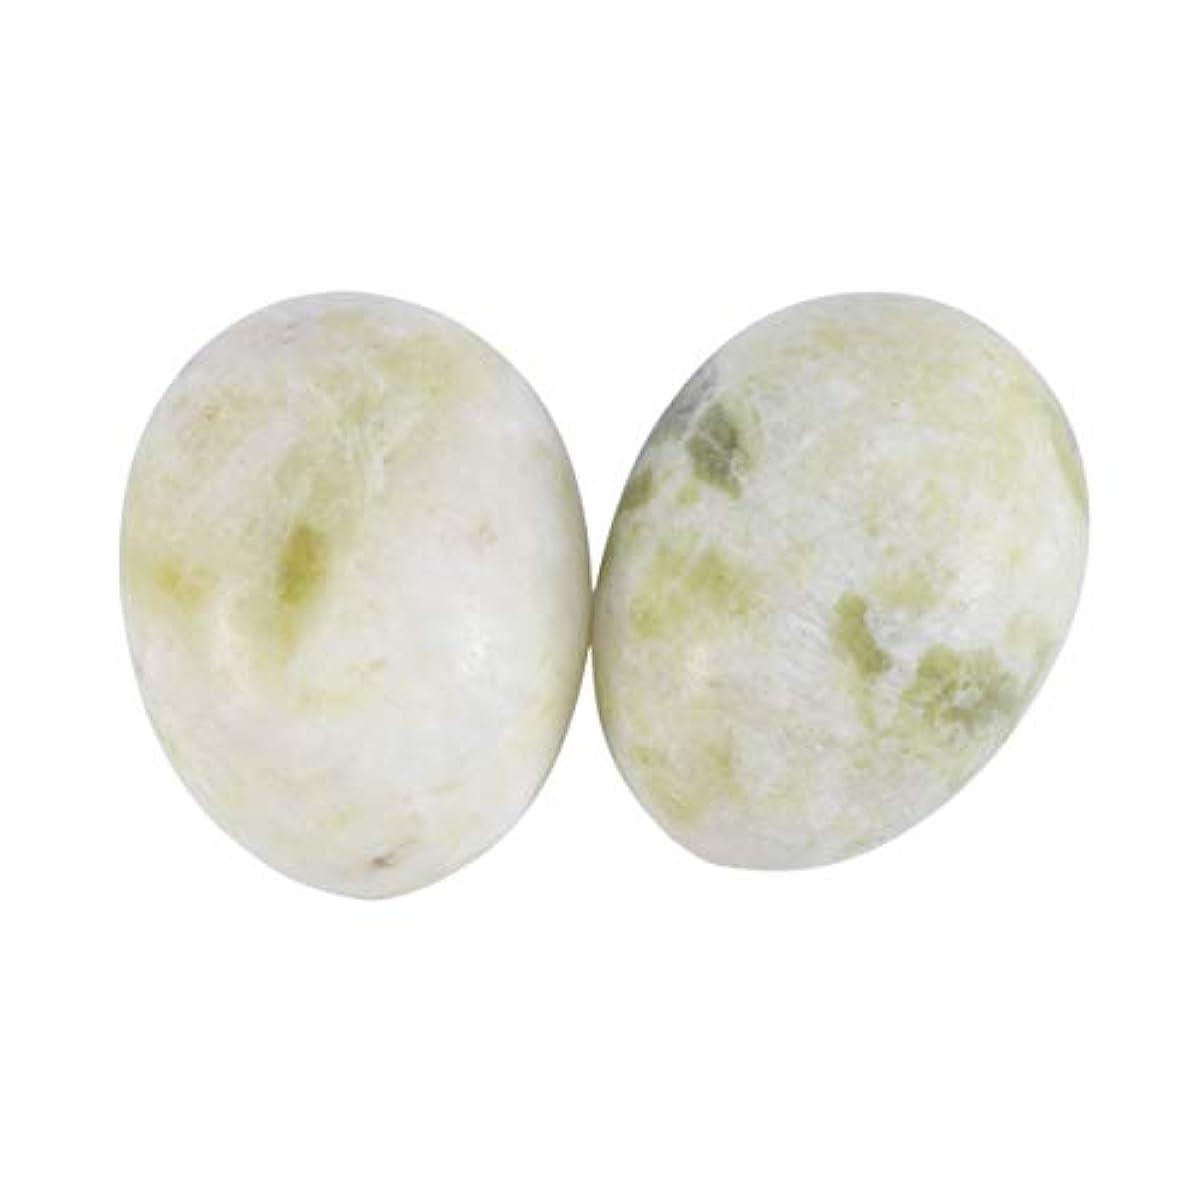 砂利放棄するインサートSUPVOX 6本ネフライトジェイドヨニエッグジェイドヨニマッサージストーンチャクラ骨盤筋肉癒しの卵マッサージケゲルエクササイズ(Lantian Jade Egg)